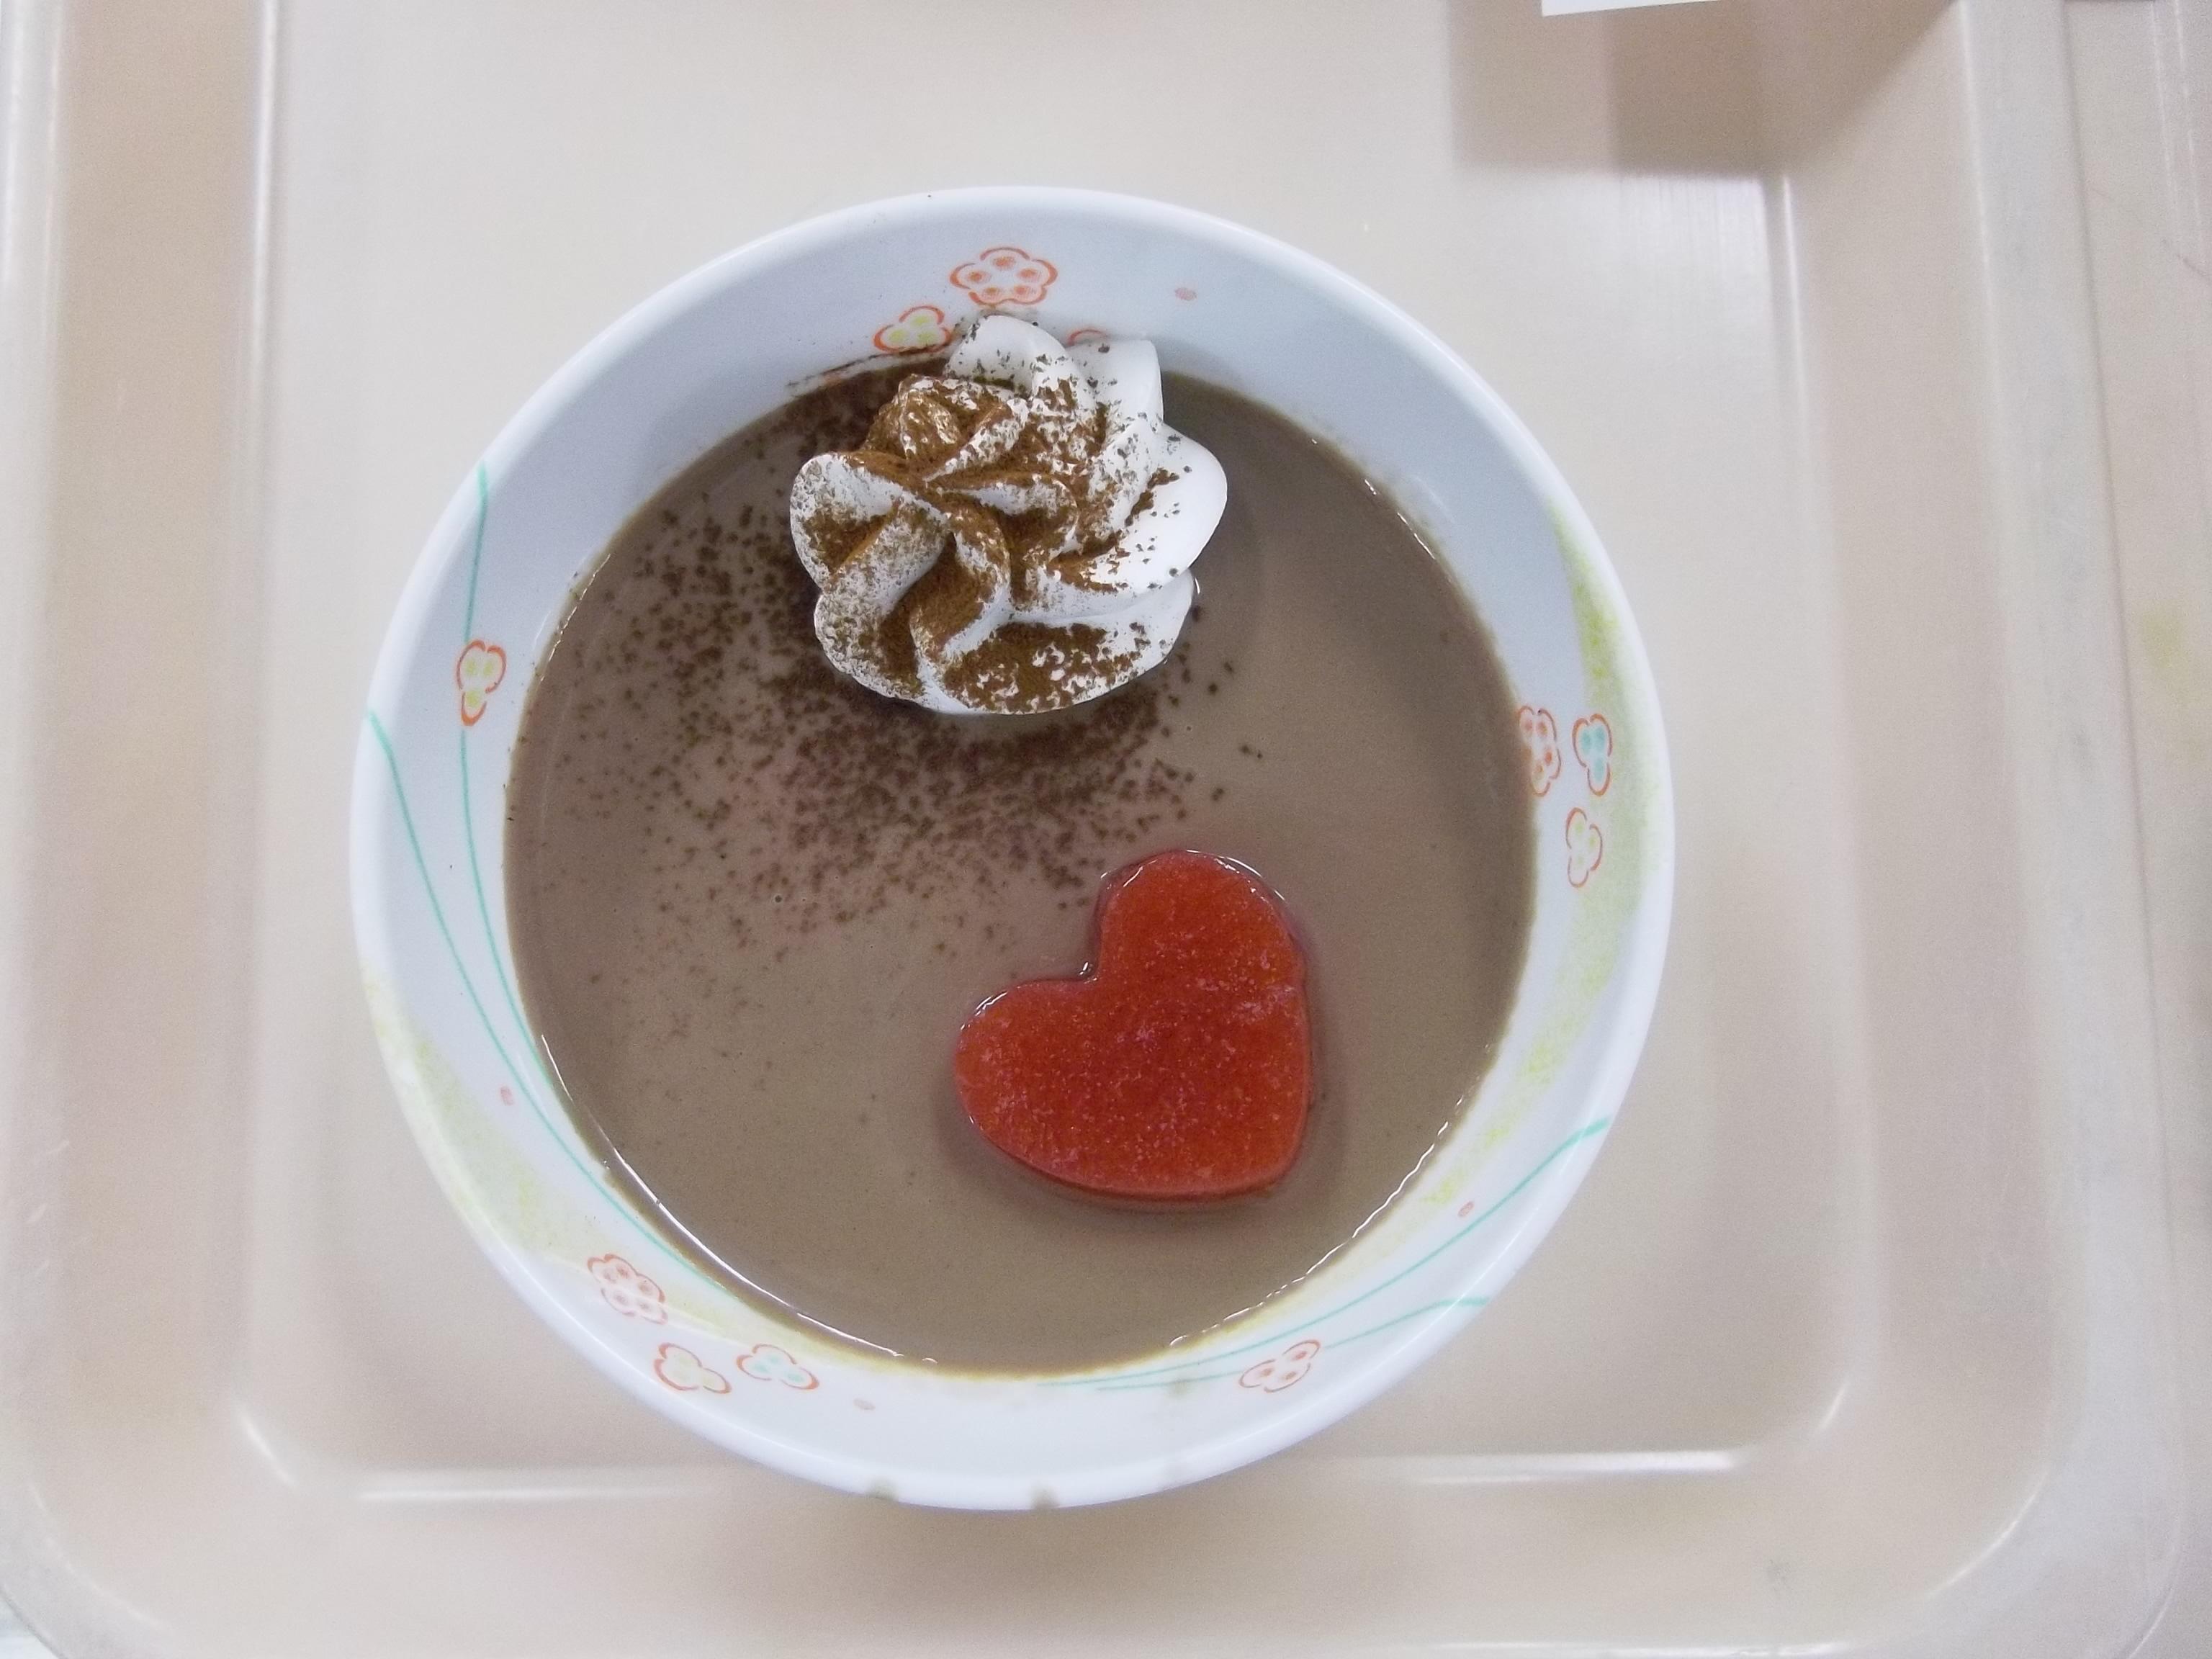 愛情一杯バレンタインデザート